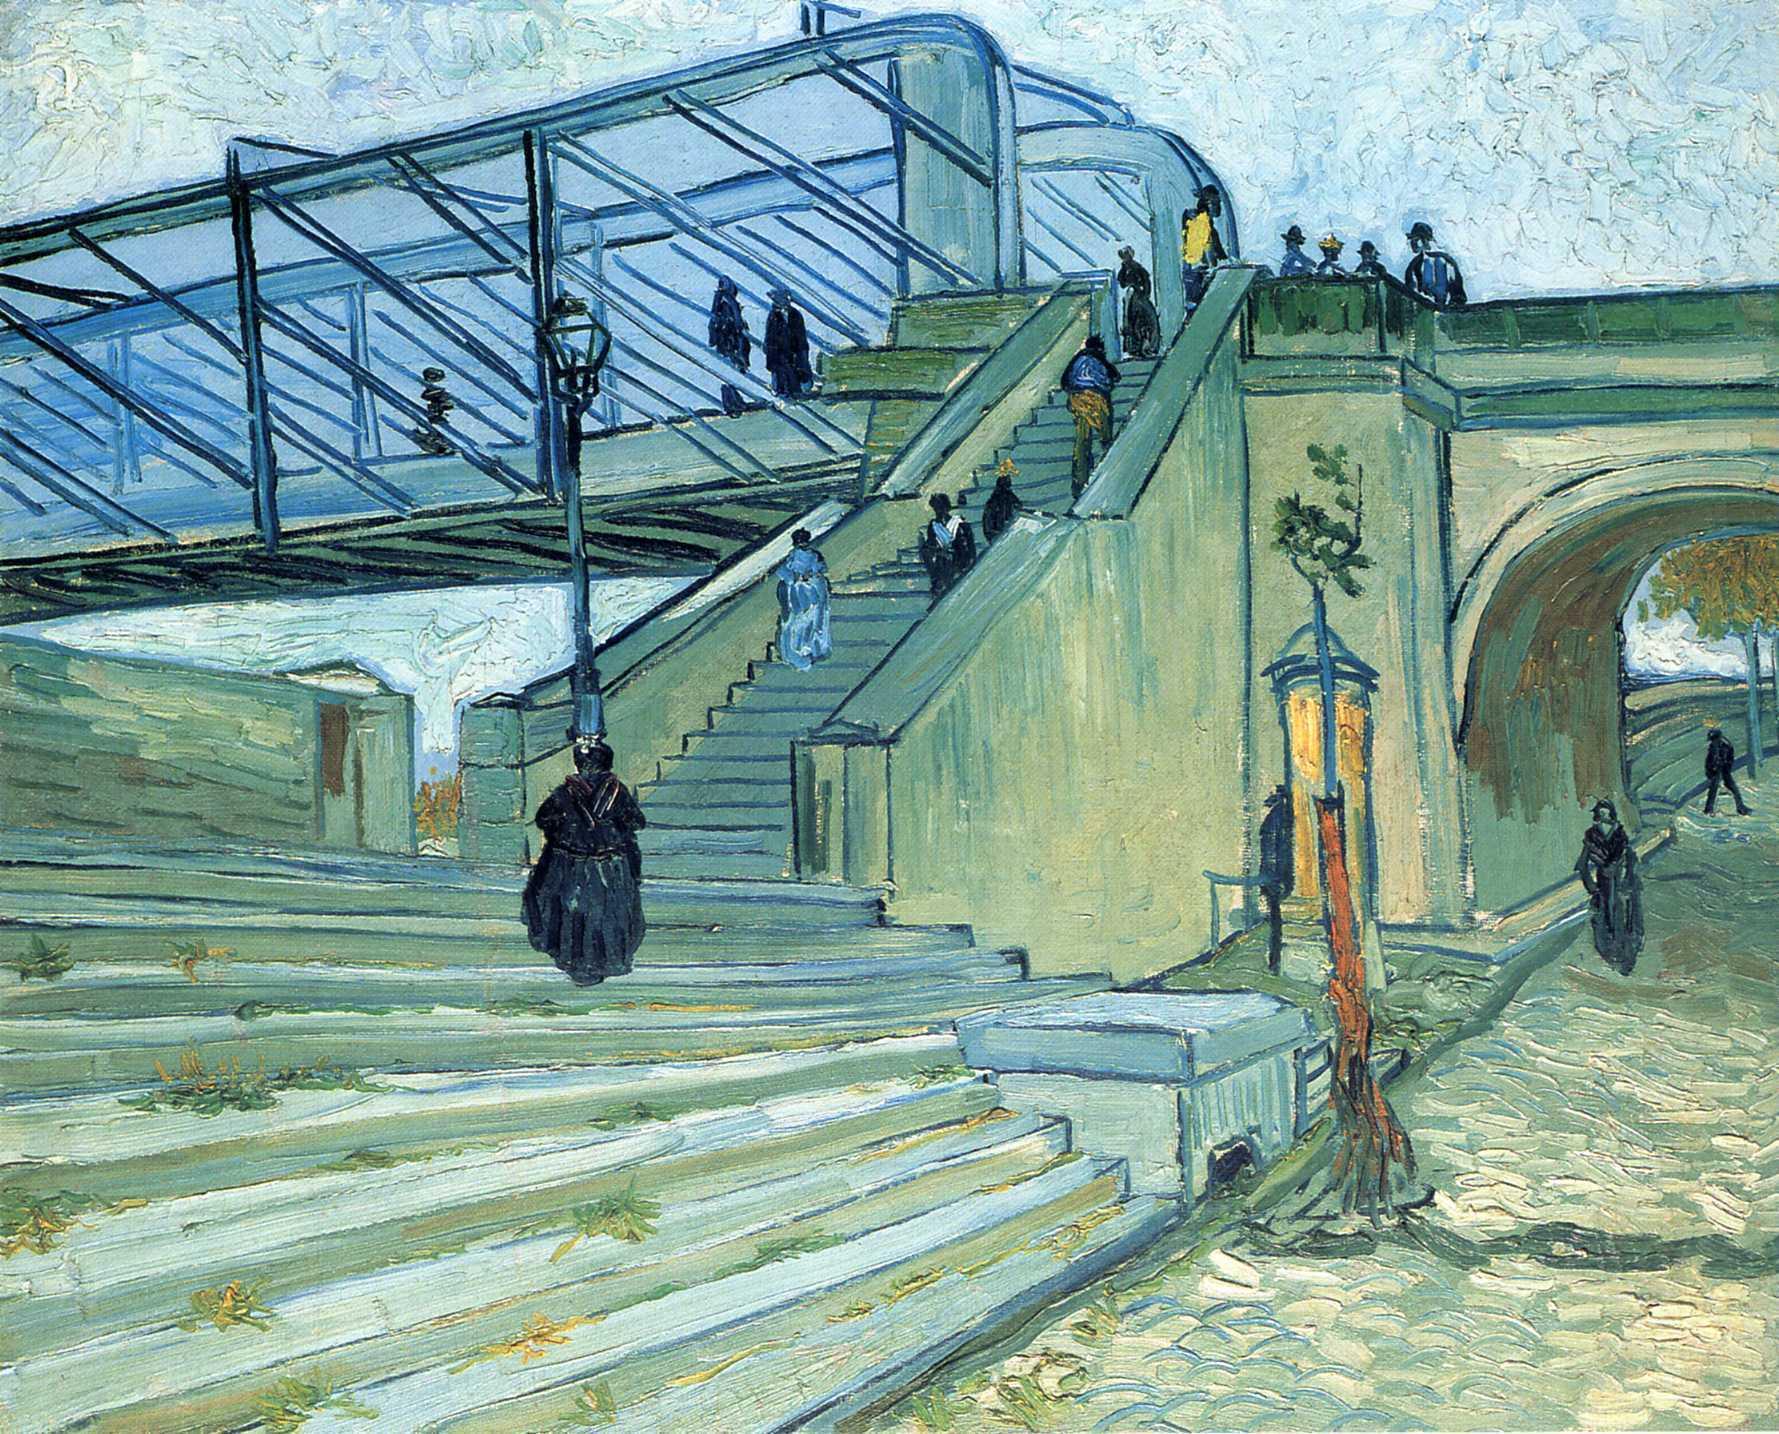 vangogh_trinquetaille_bridge_1888